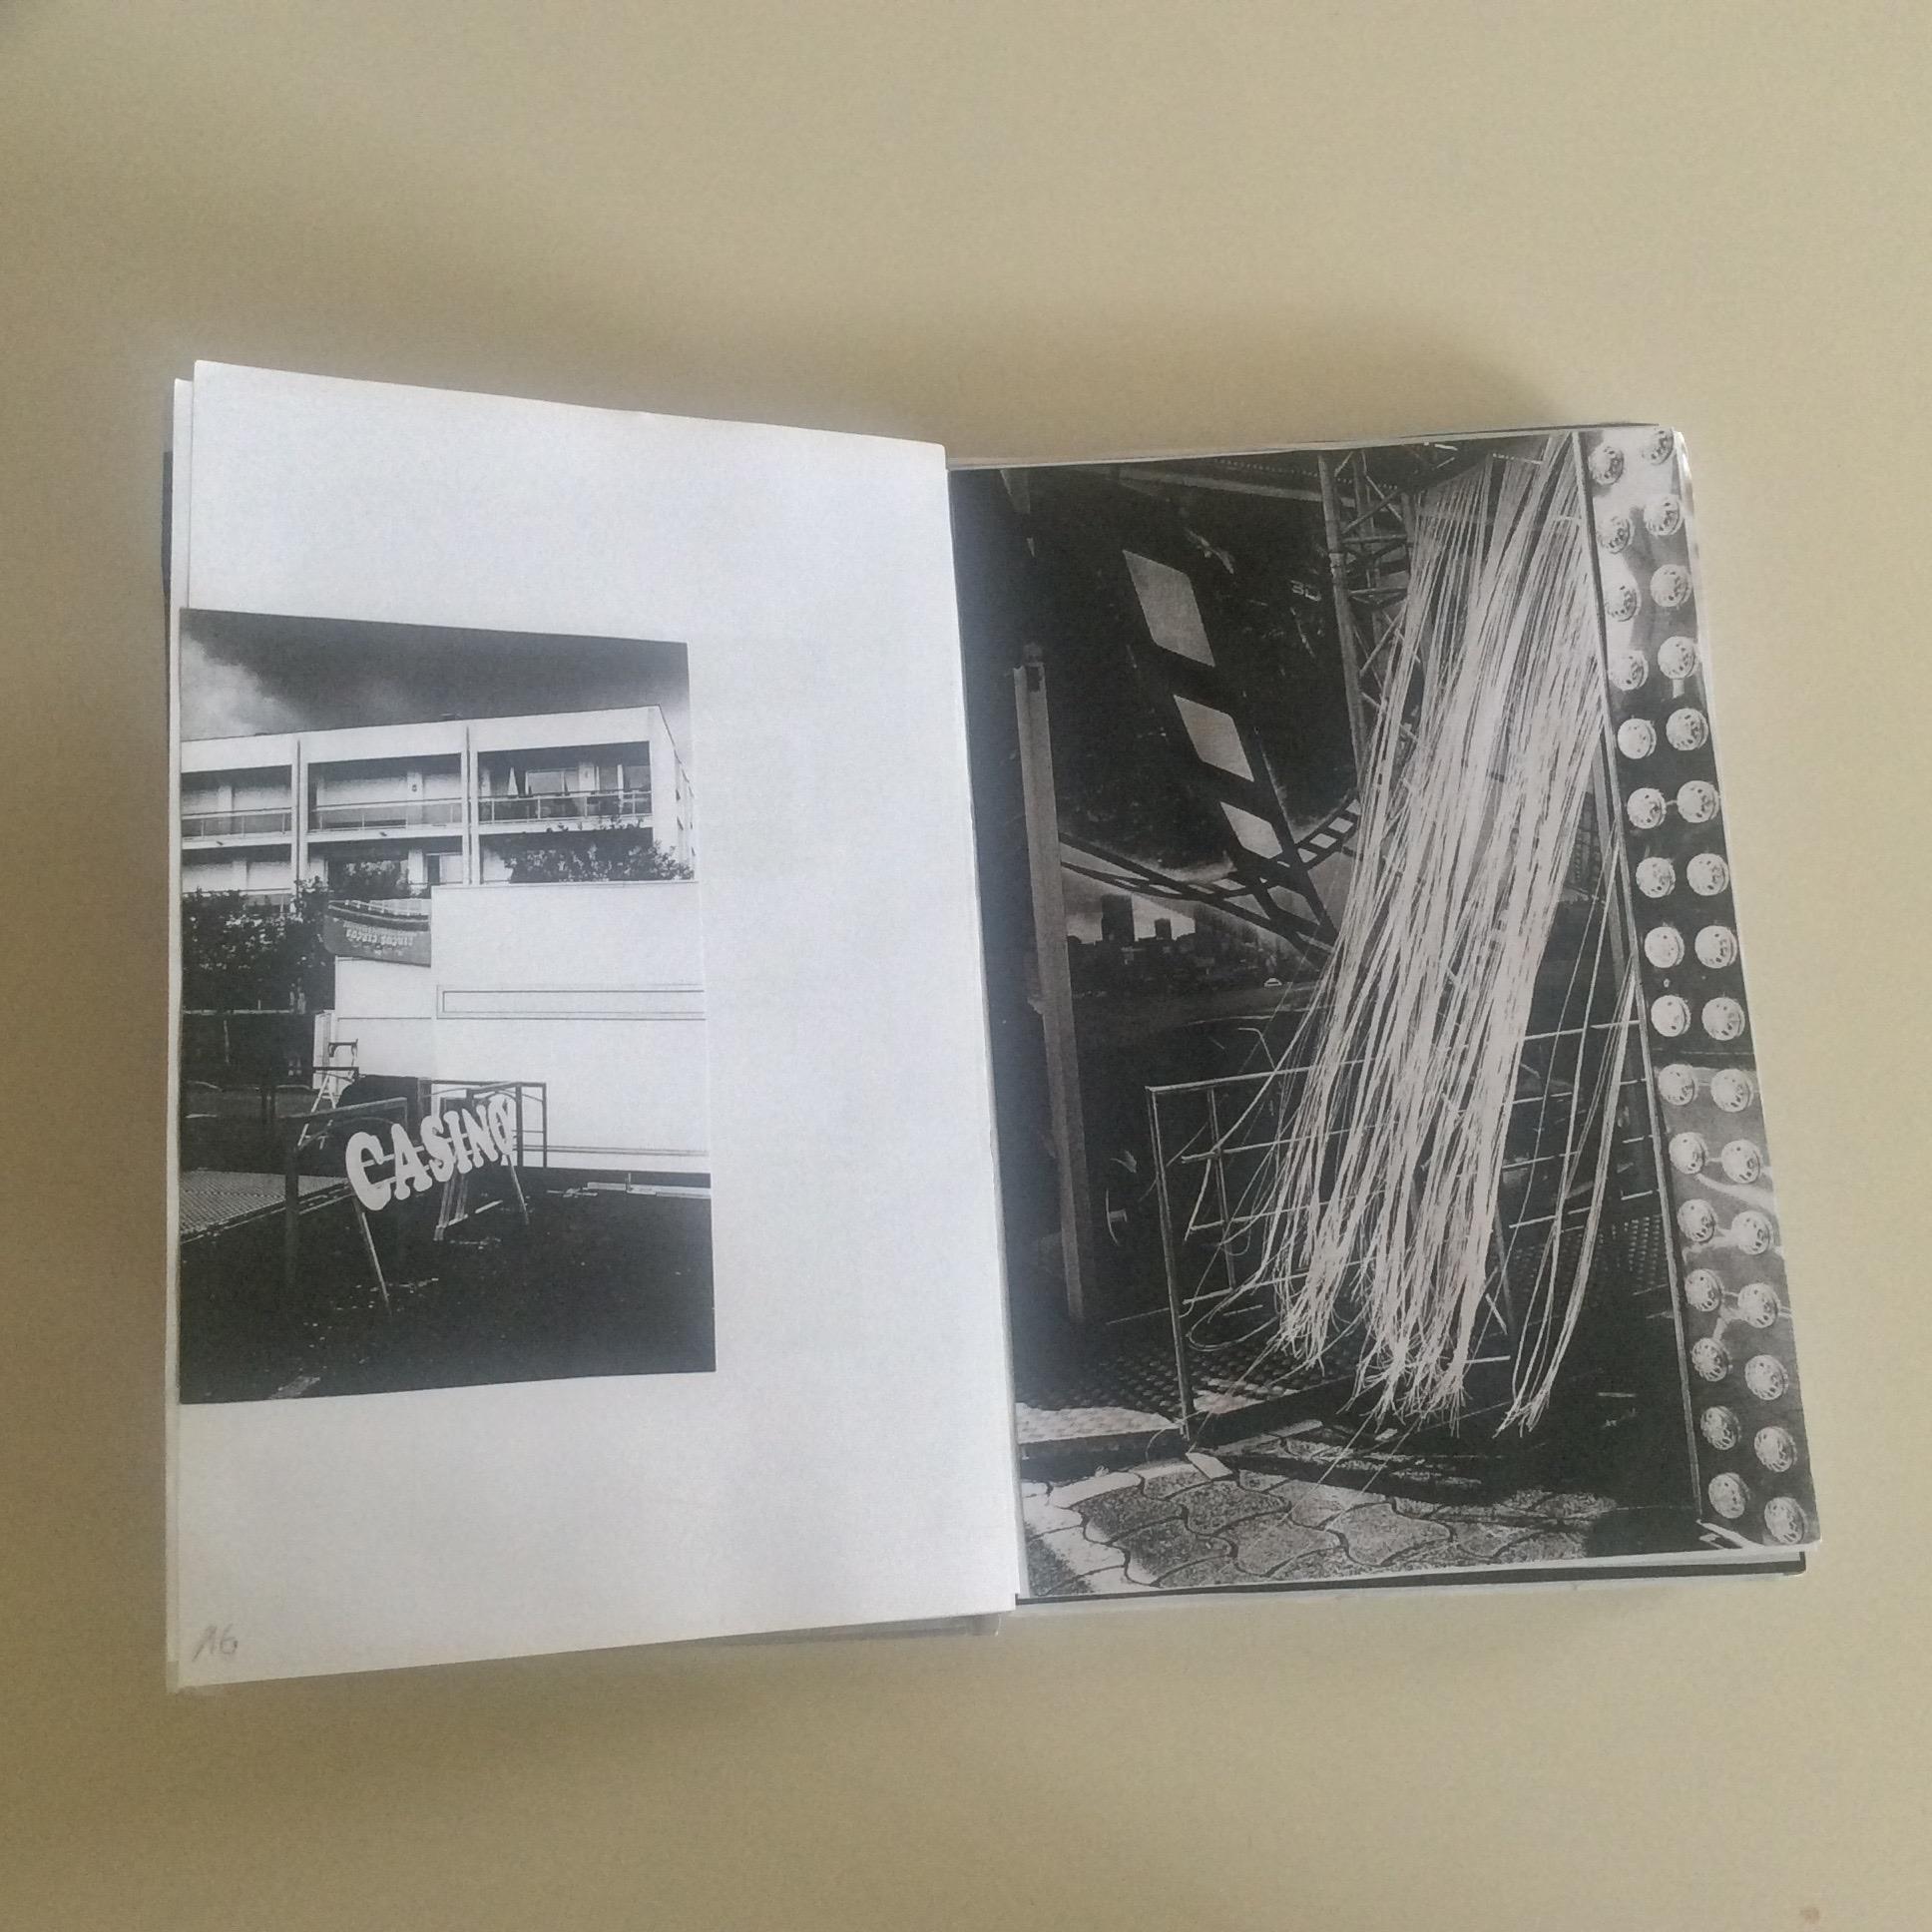 Photographies Sabrina Karp-dessin du livre Claire Jolin-les editions orange claireIMG_1461